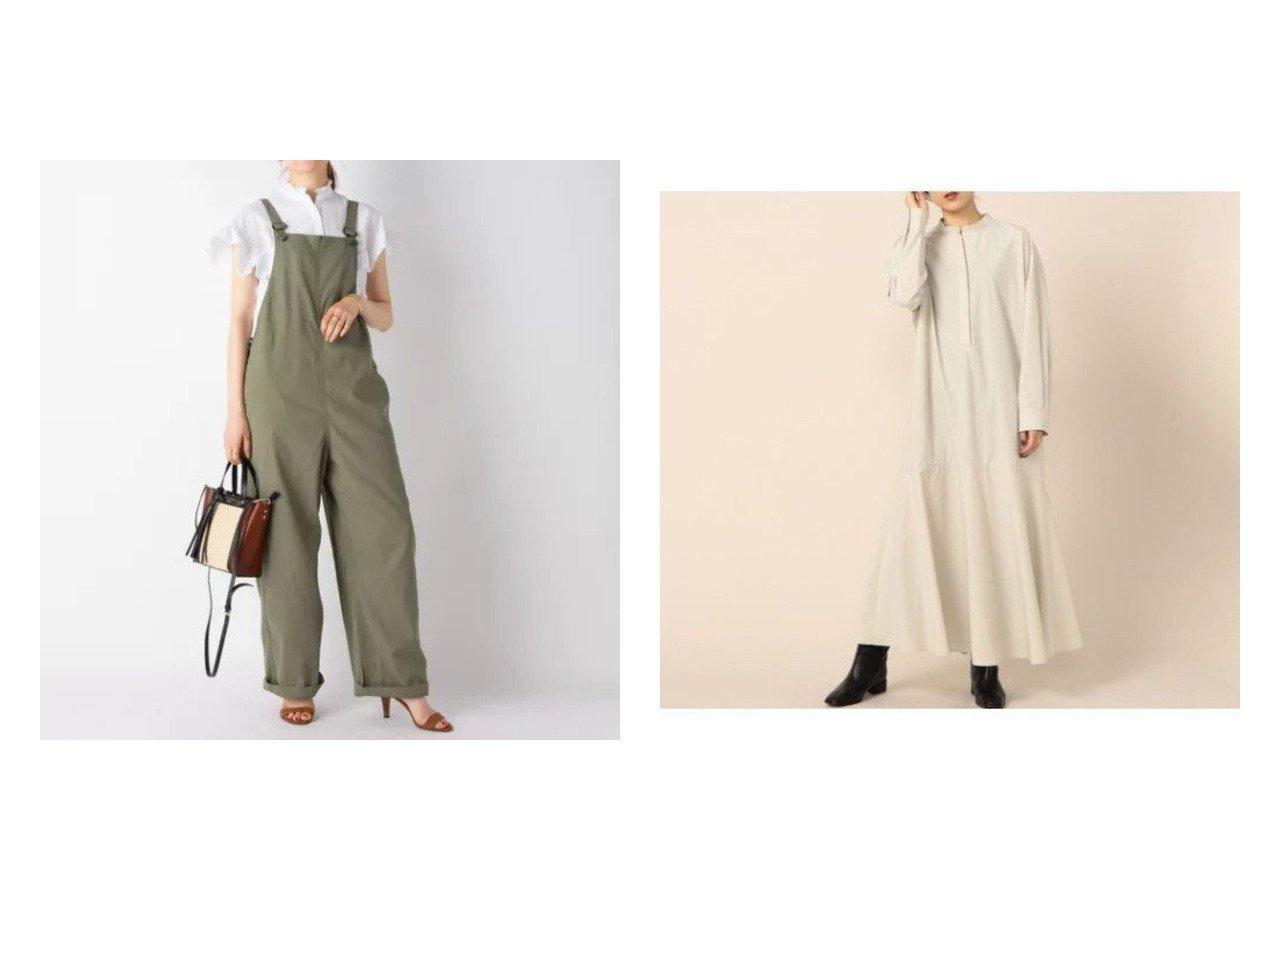 【NOLLEY'S/ノーリーズ】の【WEB限定カラーあり】【ティッカ】サロペット&タイプライターマーメイドワンピース 【ワンピース・ドレス】おすすめ!人気、トレンド・レディースファッションの通販  おすすめで人気の流行・トレンド、ファッションの通販商品 インテリア・家具・メンズファッション・キッズファッション・レディースファッション・服の通販 founy(ファニー) https://founy.com/ ファッション Fashion レディースファッション WOMEN ワンピース Dress オールインワン ワンピース All In One Dress サロペット Salopette シャツワンピース Shirt Dresses エレガント 春 Spring サロペット サンダル ベーシック ワーク A/W・秋冬 AW・Autumn/Winter・FW・Fall-Winter 2021年 2021 S/S・春夏 SS・Spring/Summer 2021-2022秋冬・A/W AW・Autumn/Winter・FW・Fall-Winter・2021-2022 夏 Summer タイプライター マーメイド ヴィンテージ 長袖  ID:crp329100000062971